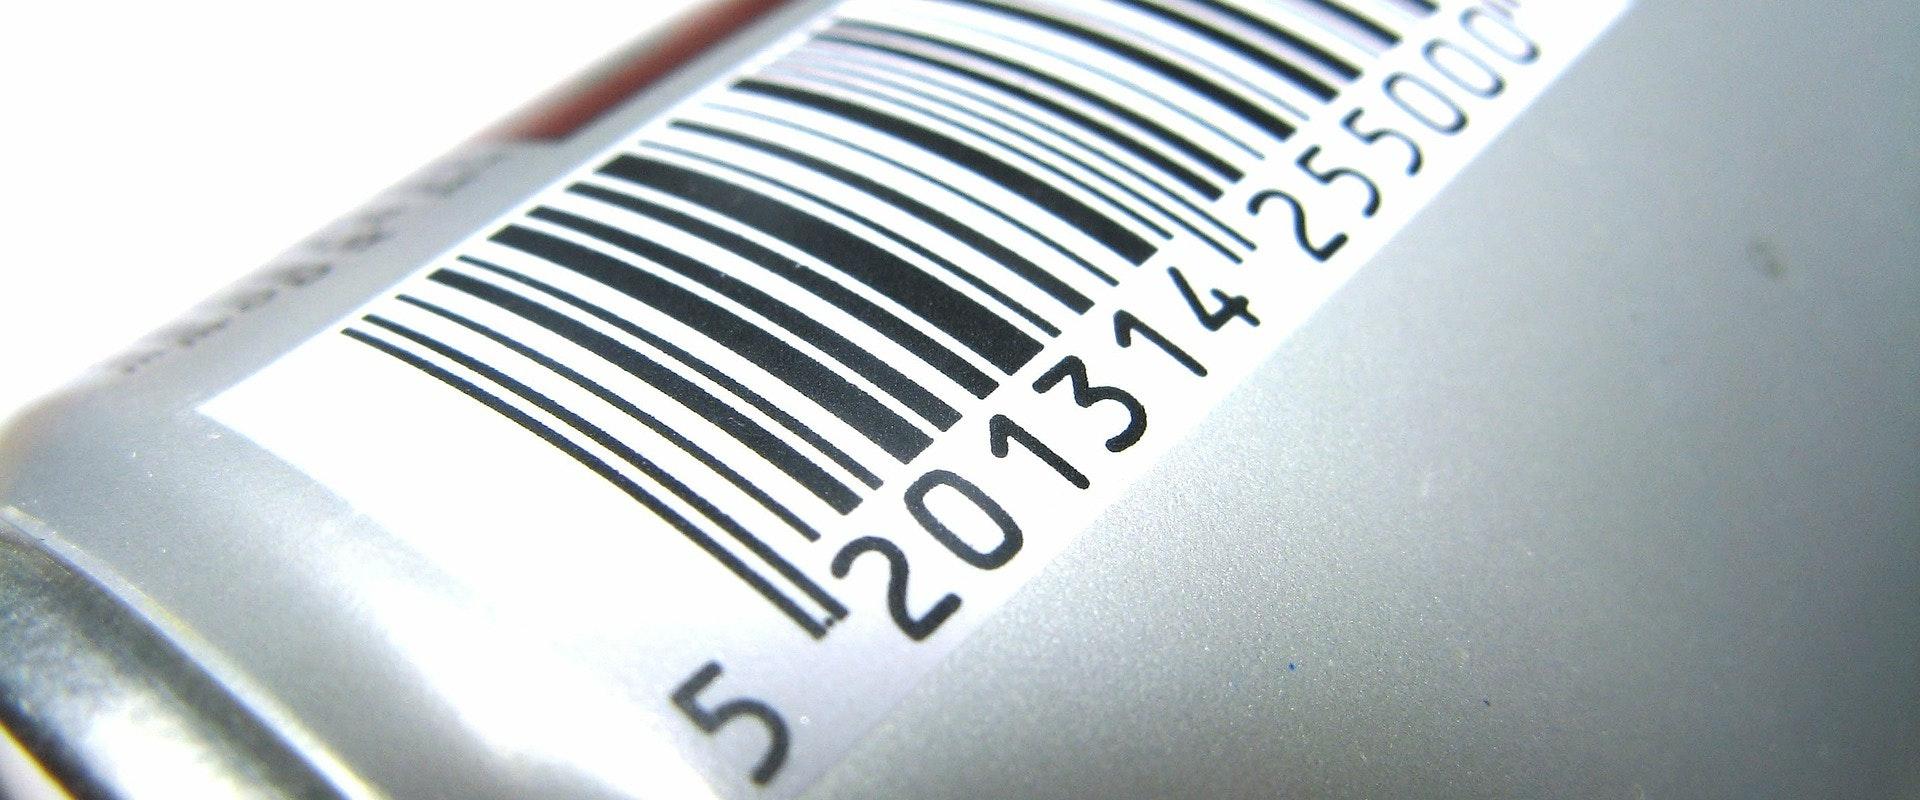 1554197751 barcode 36161920